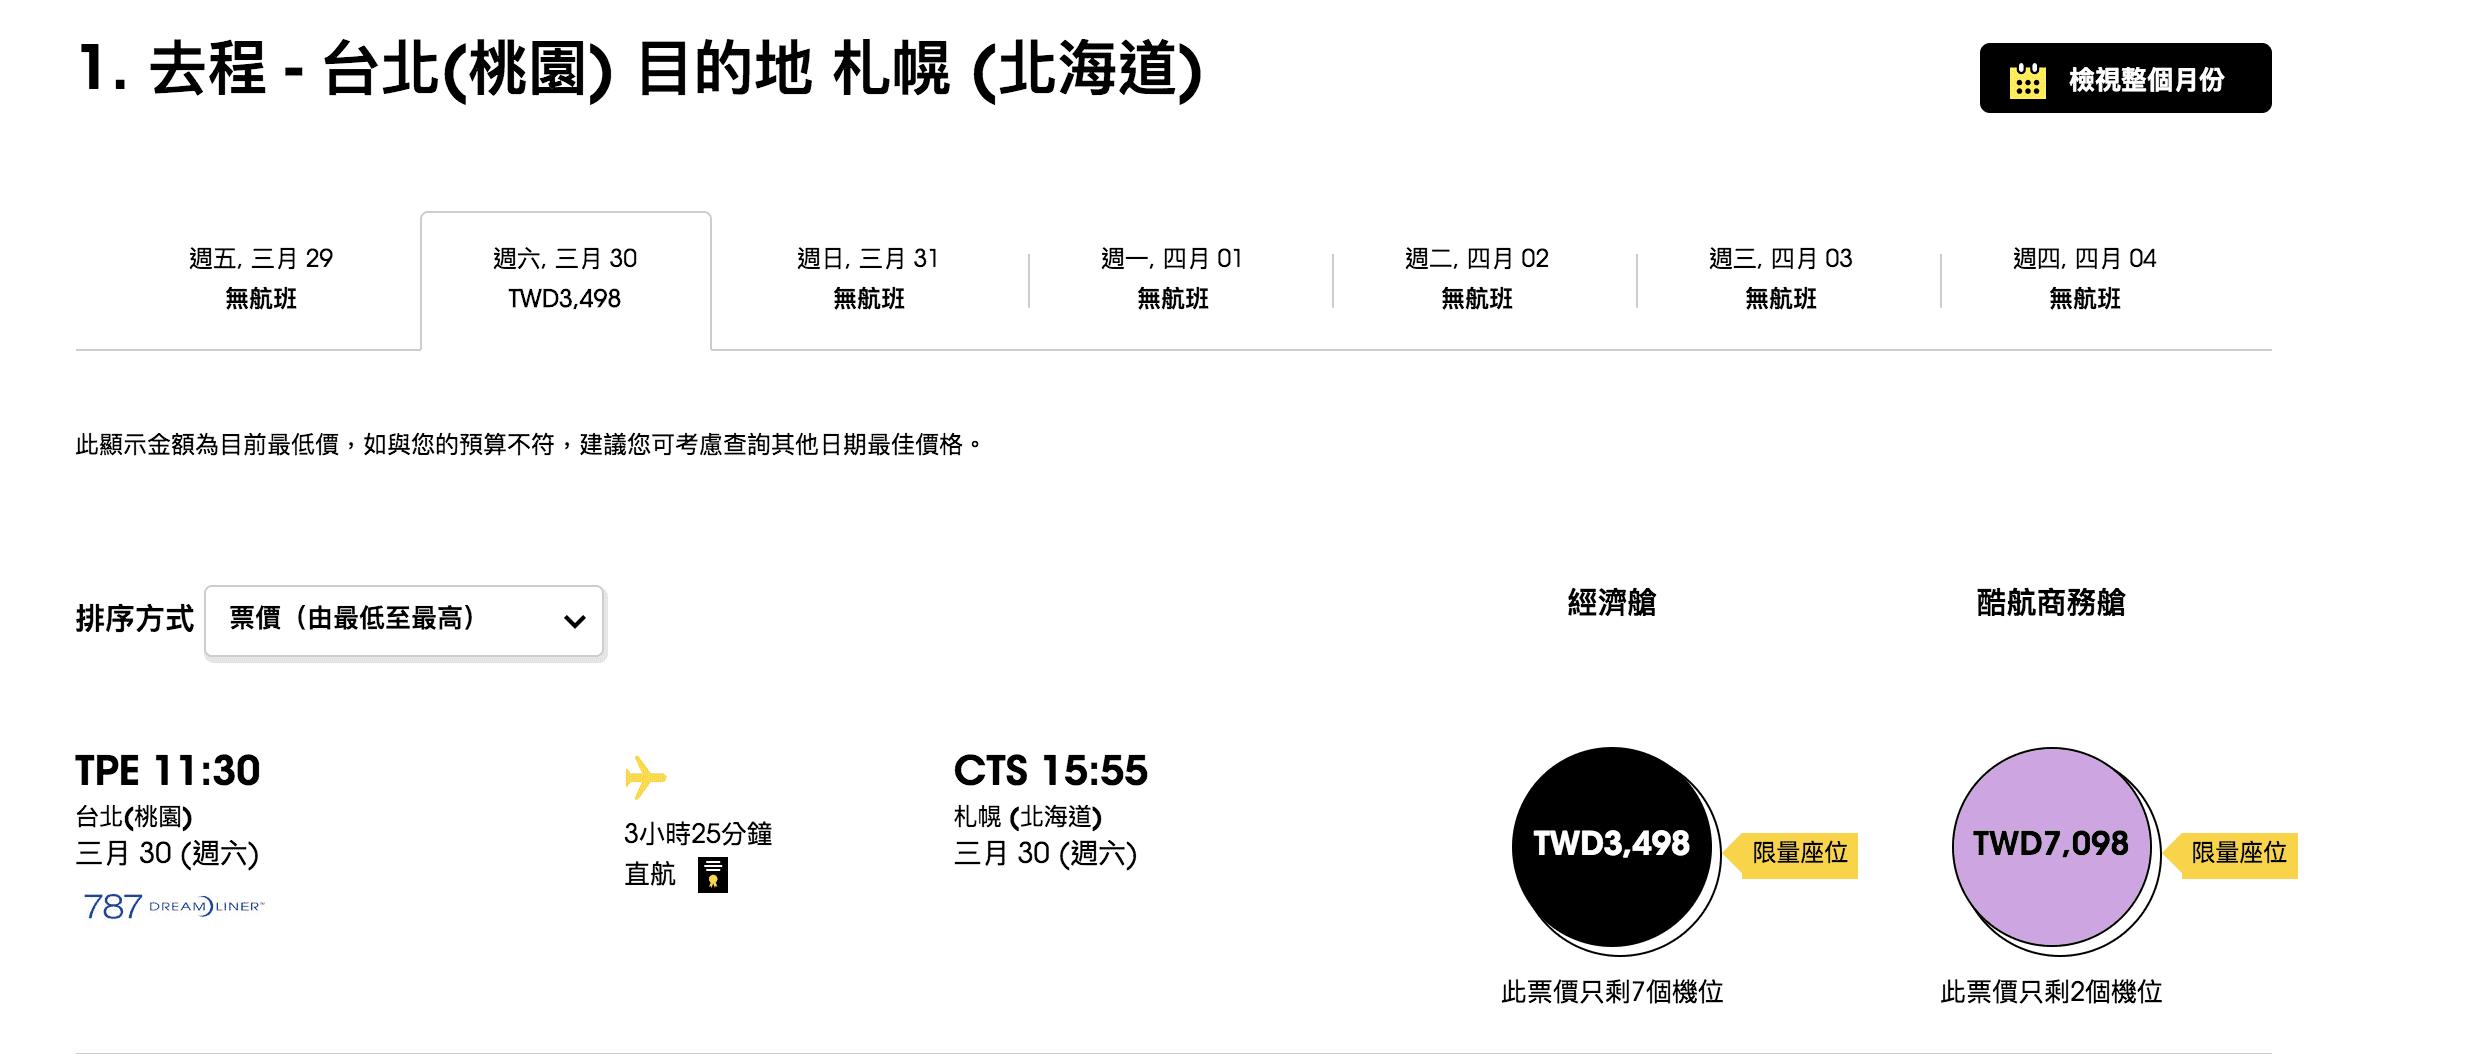 2018酷航日本航線增班囉!東京、札幌、大阪線,全都拉高營運量~同場加映2019賞櫻去程便宜票價搜查